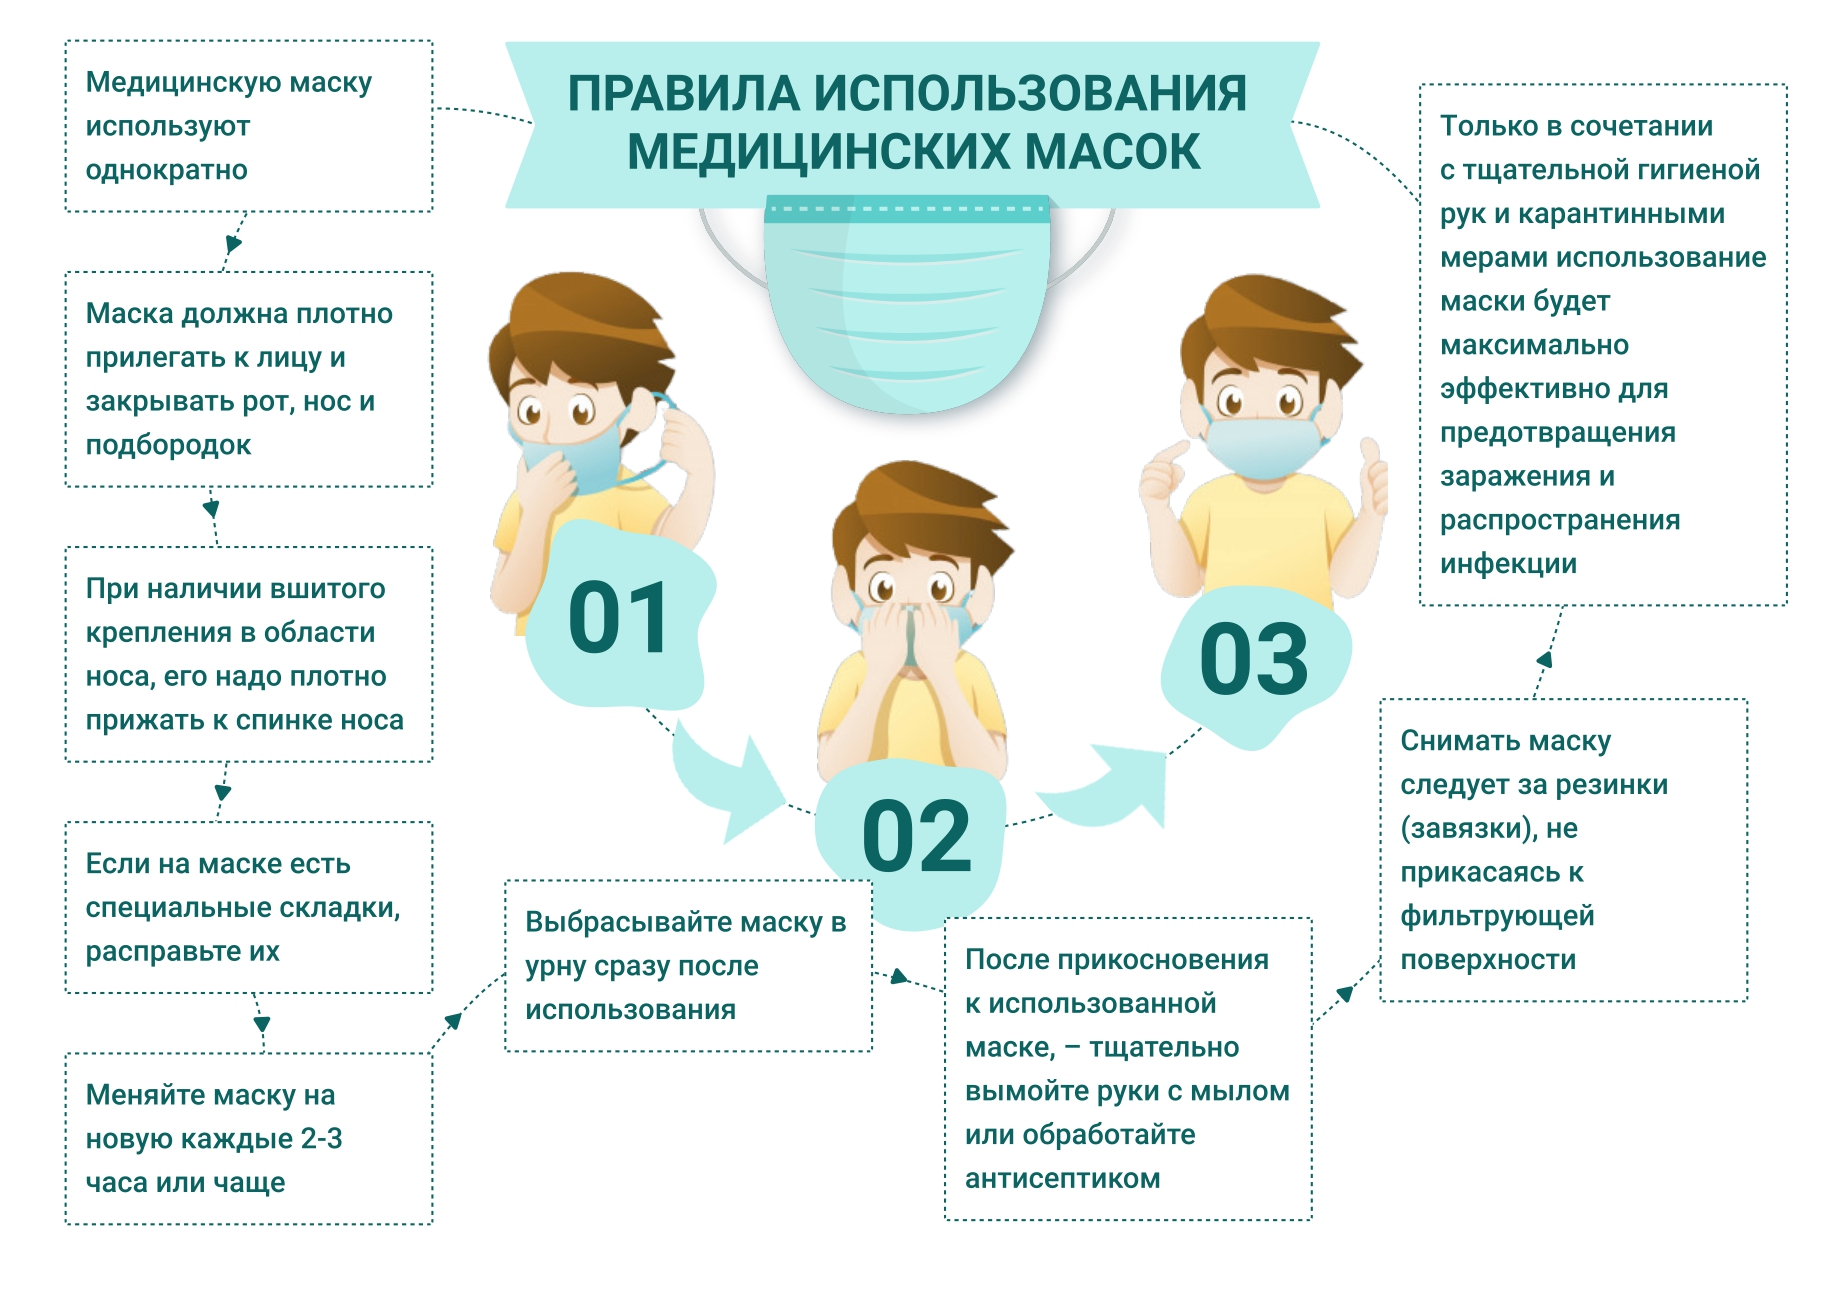 Правила использования медицинских масок